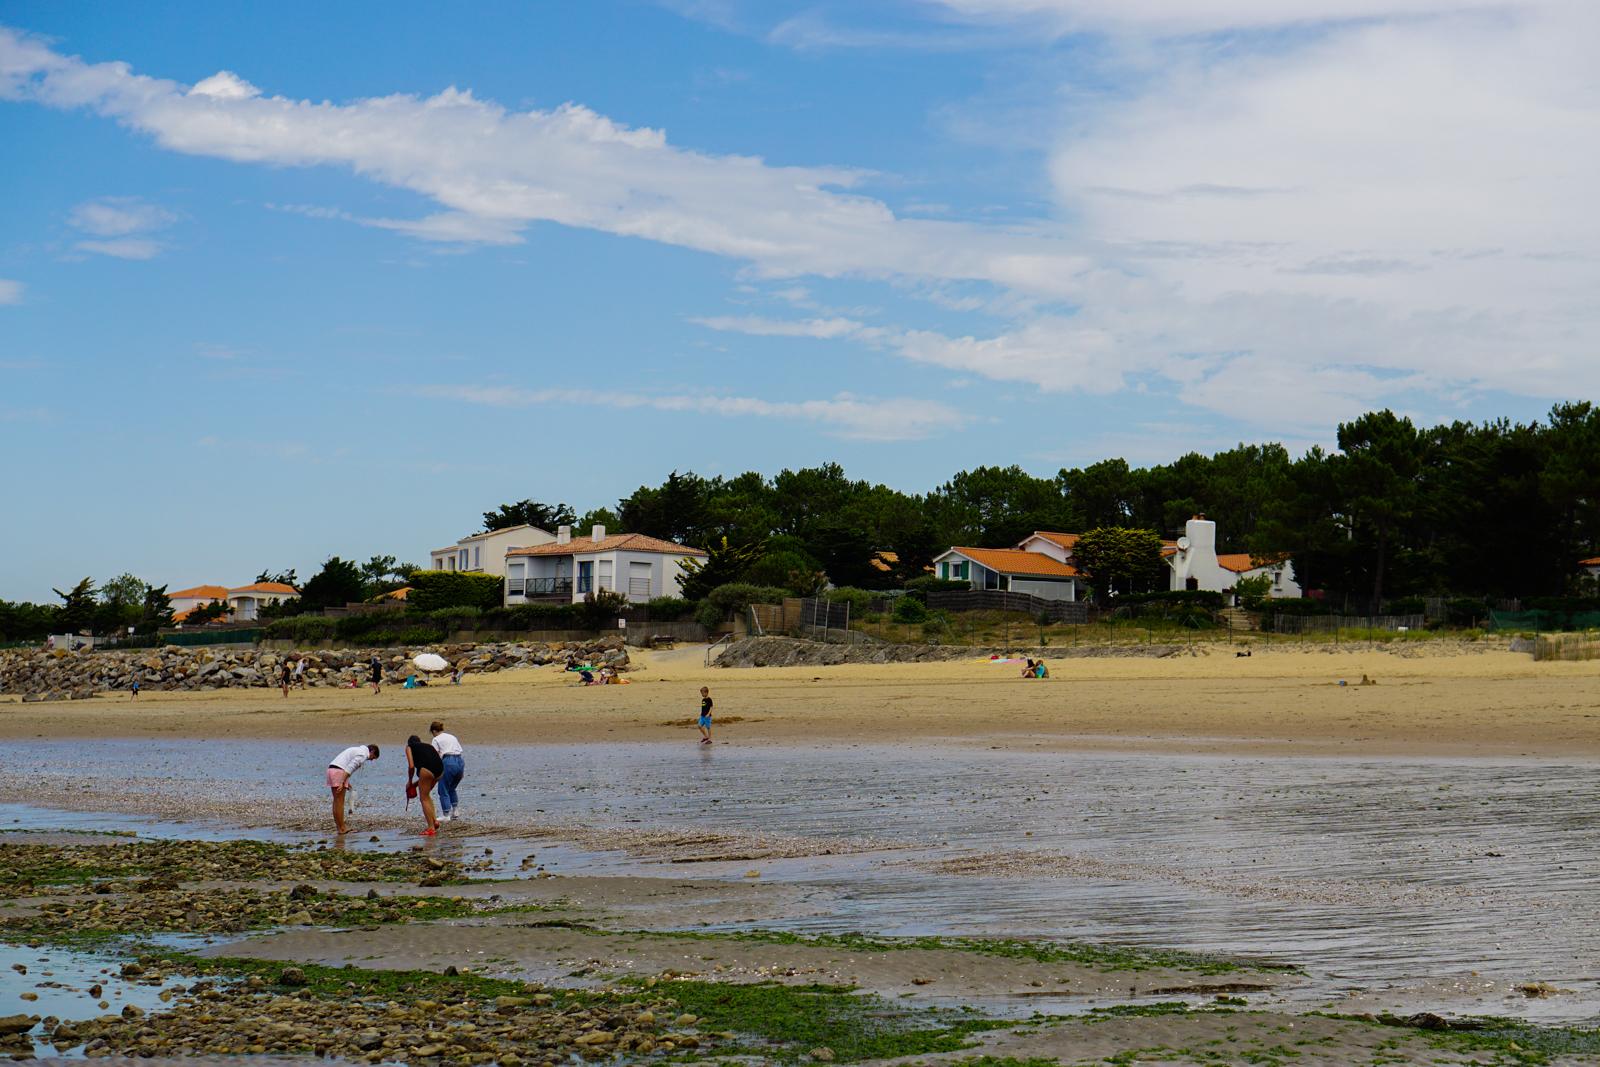 tranche sur mer, tranche-sur-mer, vendée, plage vendée, idée balade vendée, plage grière vendée, marée basse vendée, avenue nolleaux tranche sur mer